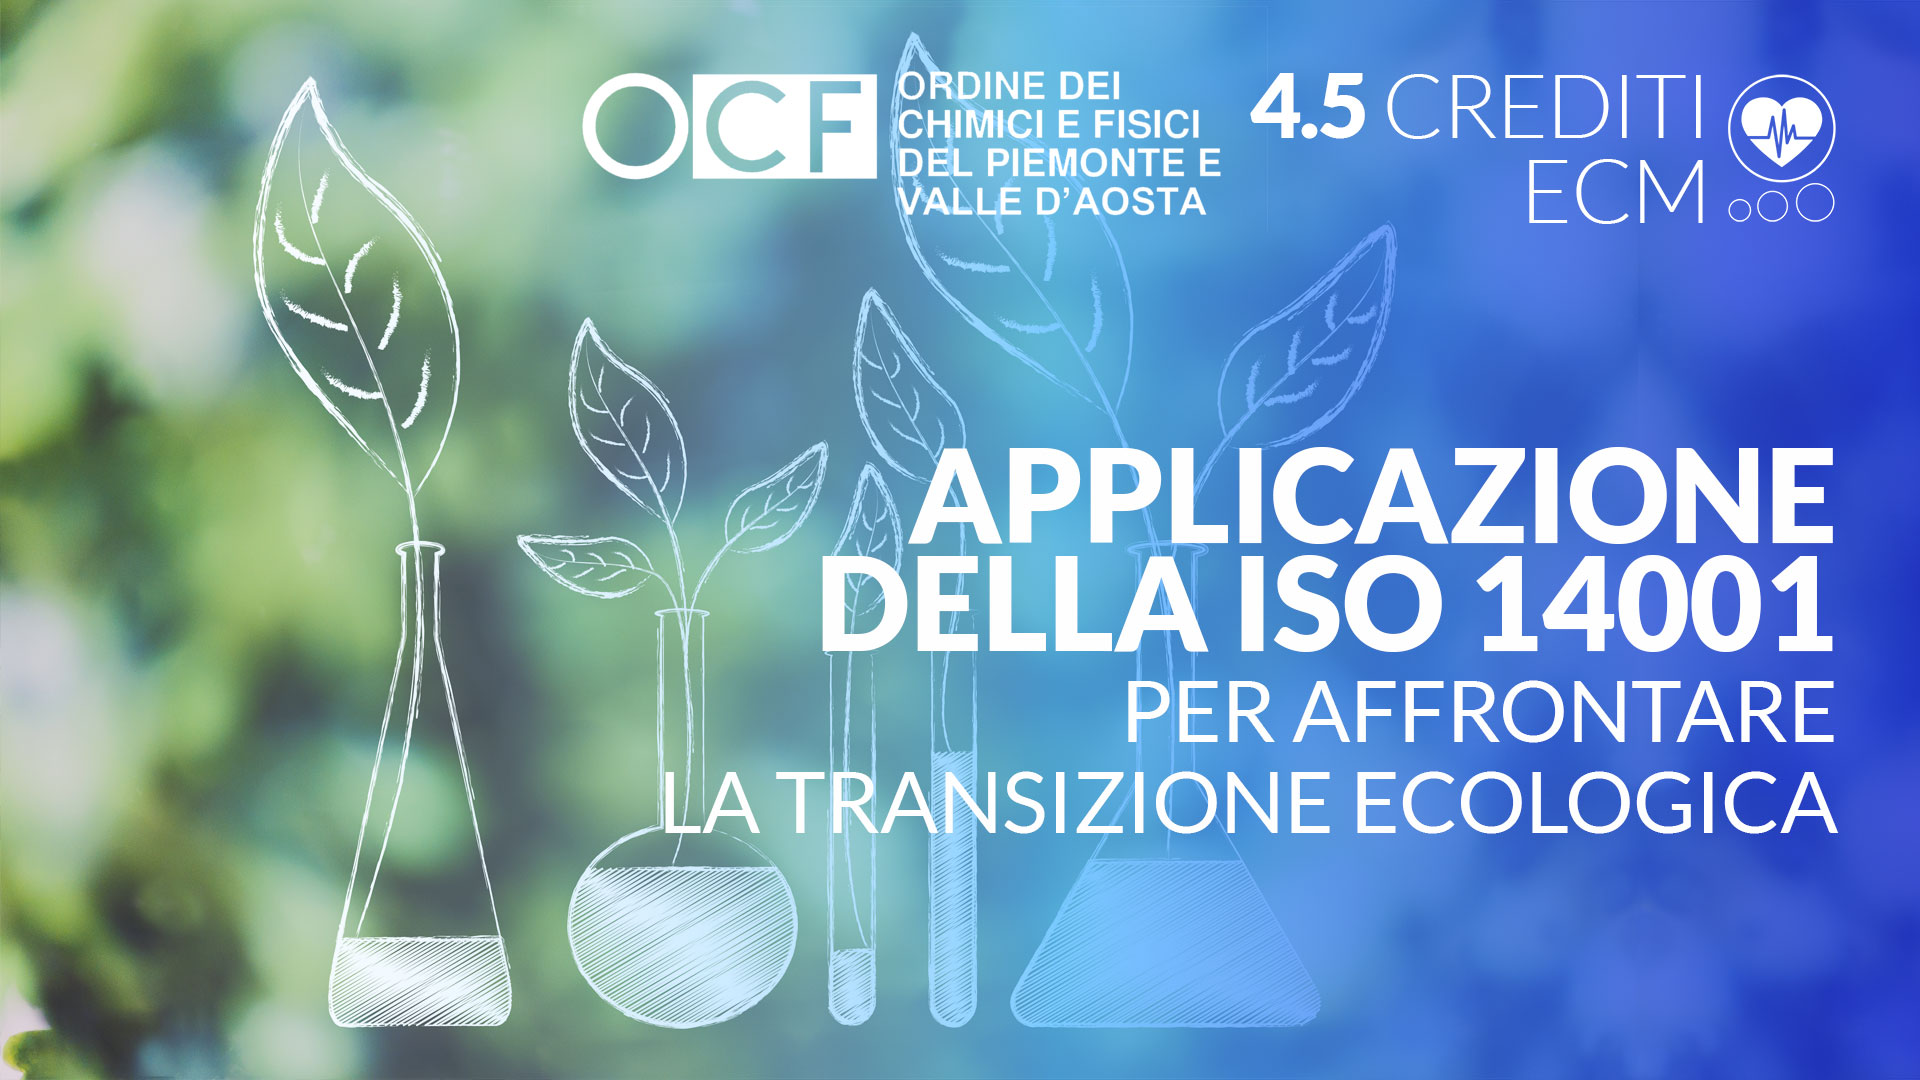 Applicazione della ISO 14001 per affrontare la transizione ecologica